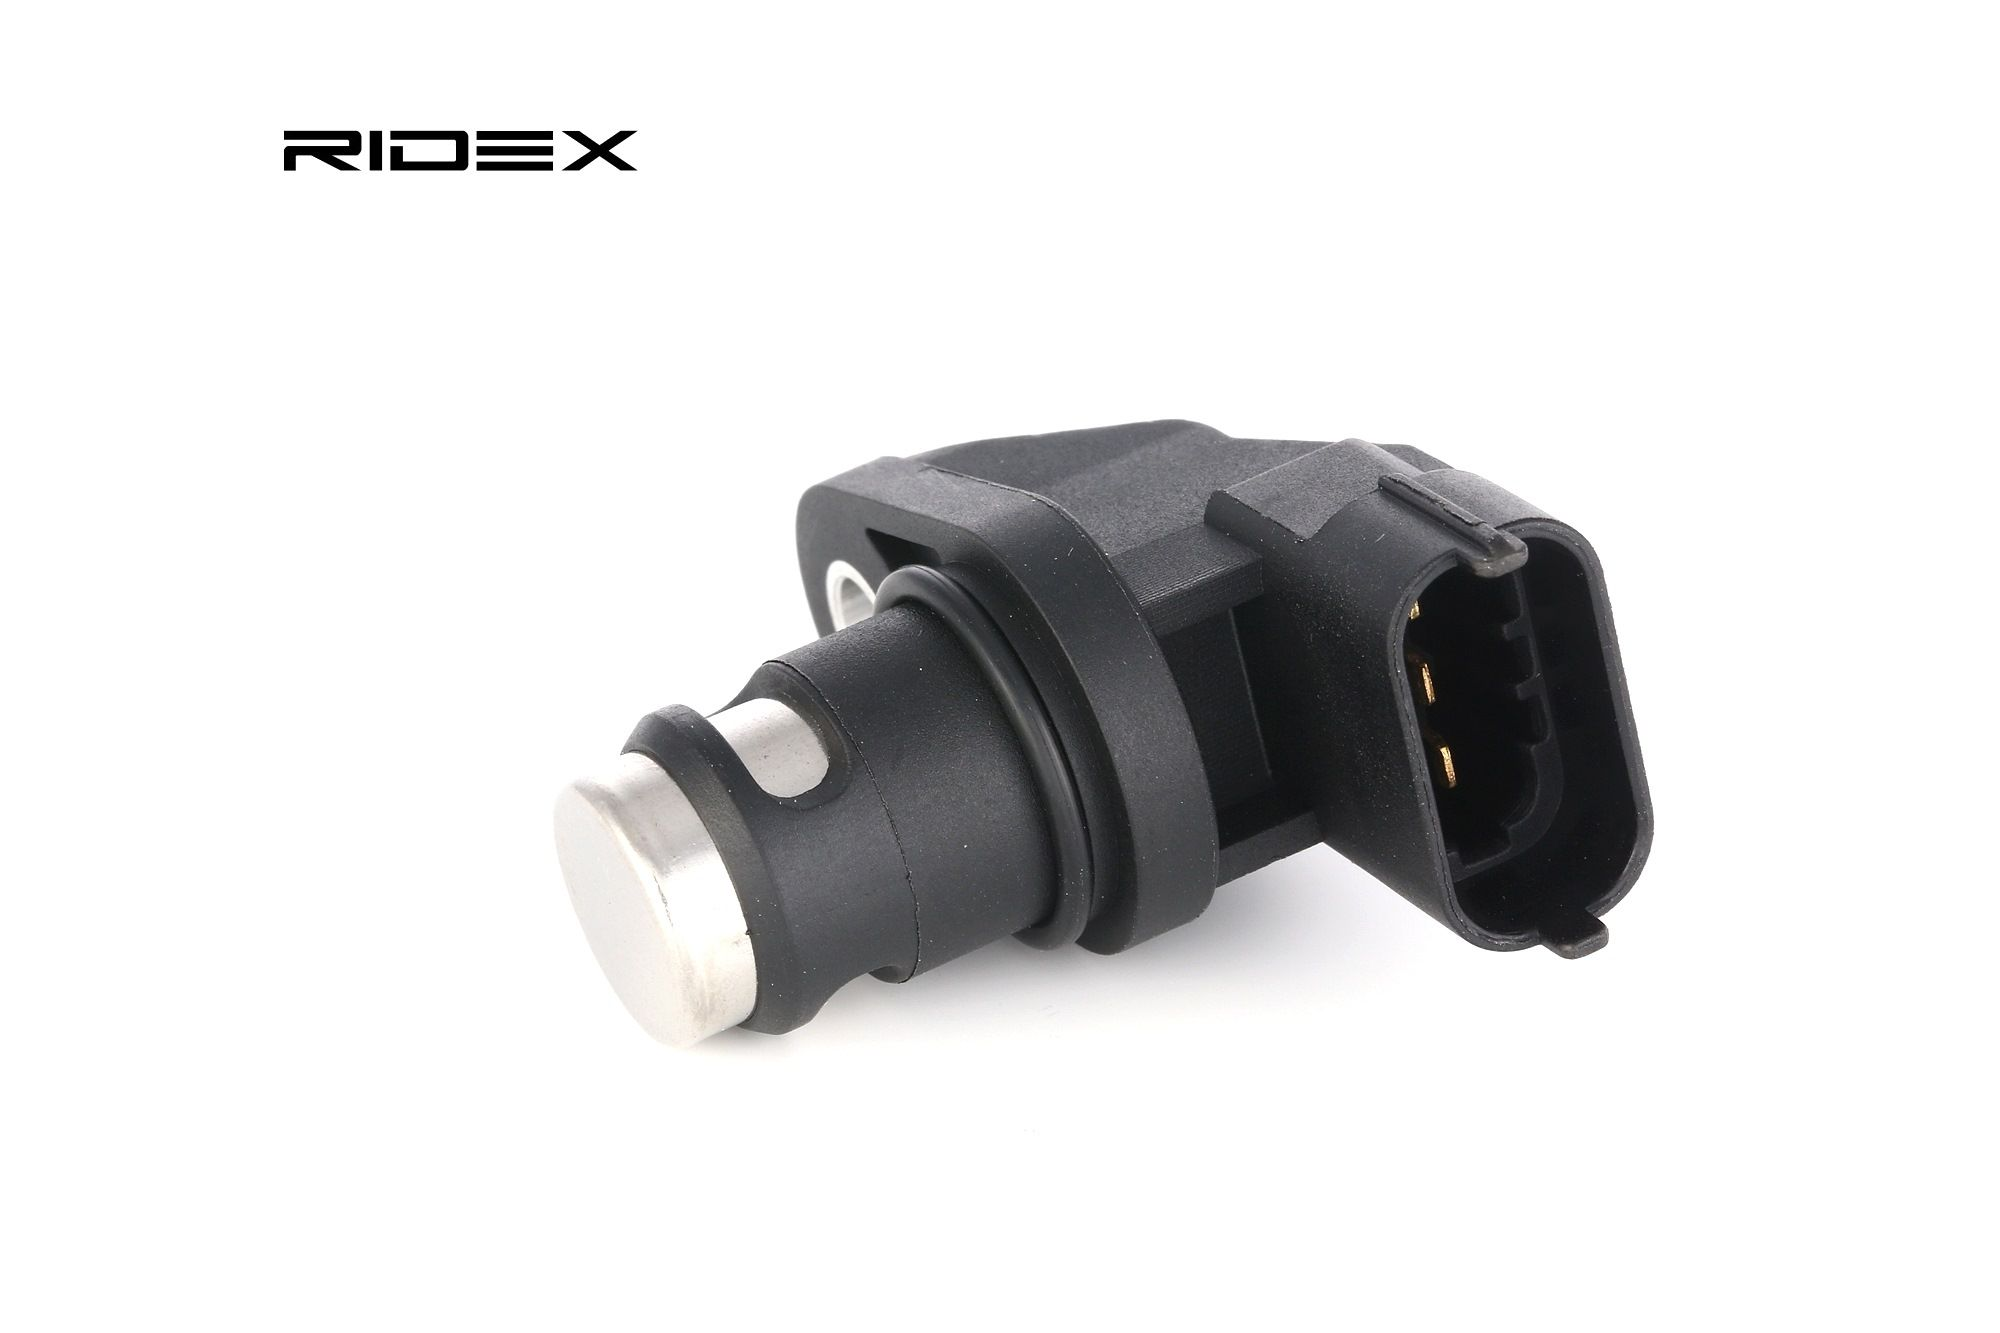 MERCEDES-BENZ CLC 2011 Motorelektrik - Original RIDEX 3946S0008 Anschlussanzahl: 3